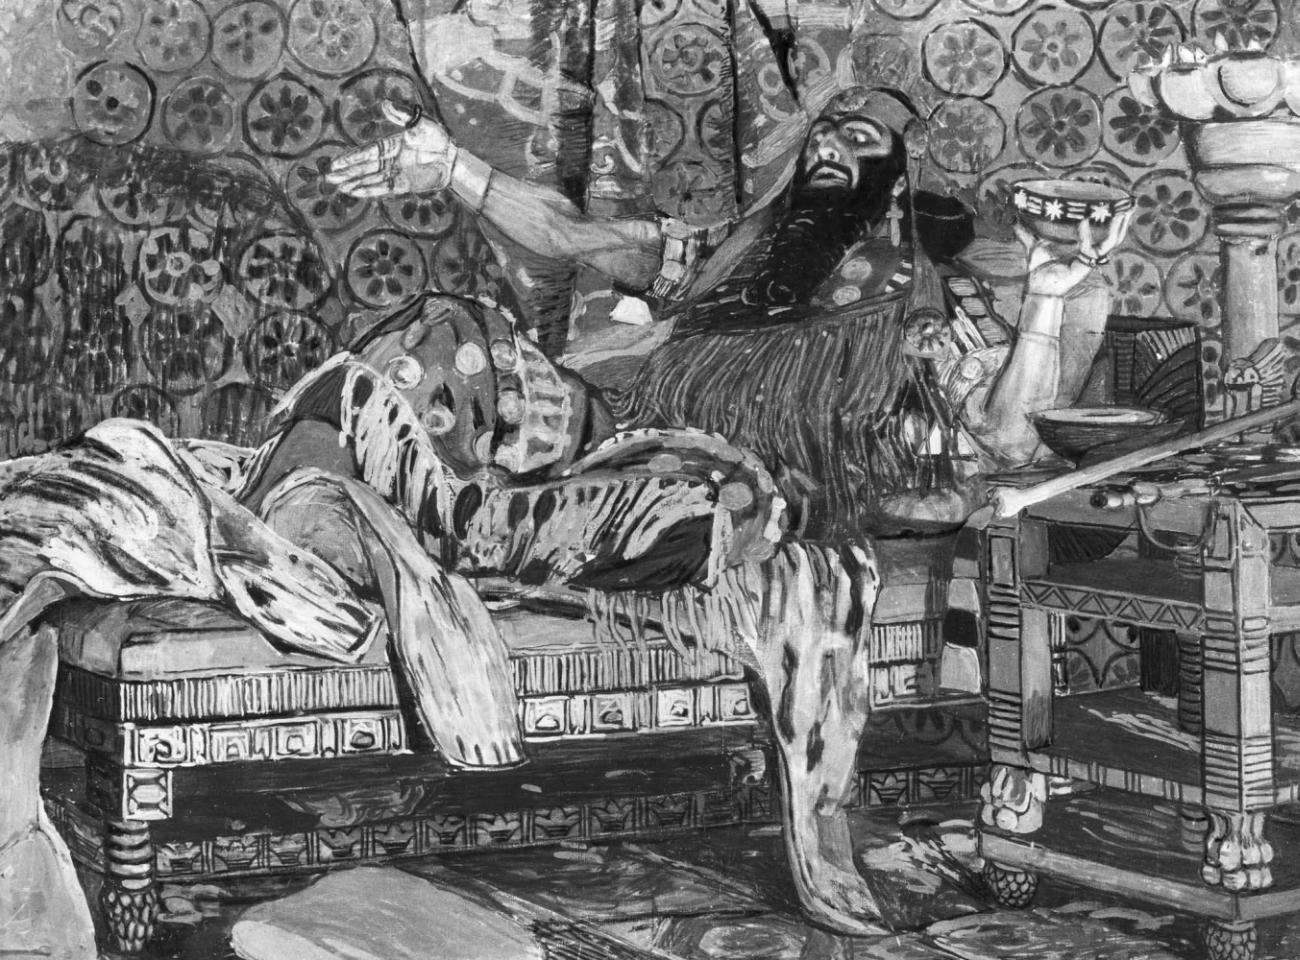 А. Я. Головин. Портрет Ф. И. Шаляпина в роли Олоферна. Темпера, пастель. 1908. Третьяковская галерея. Москва.